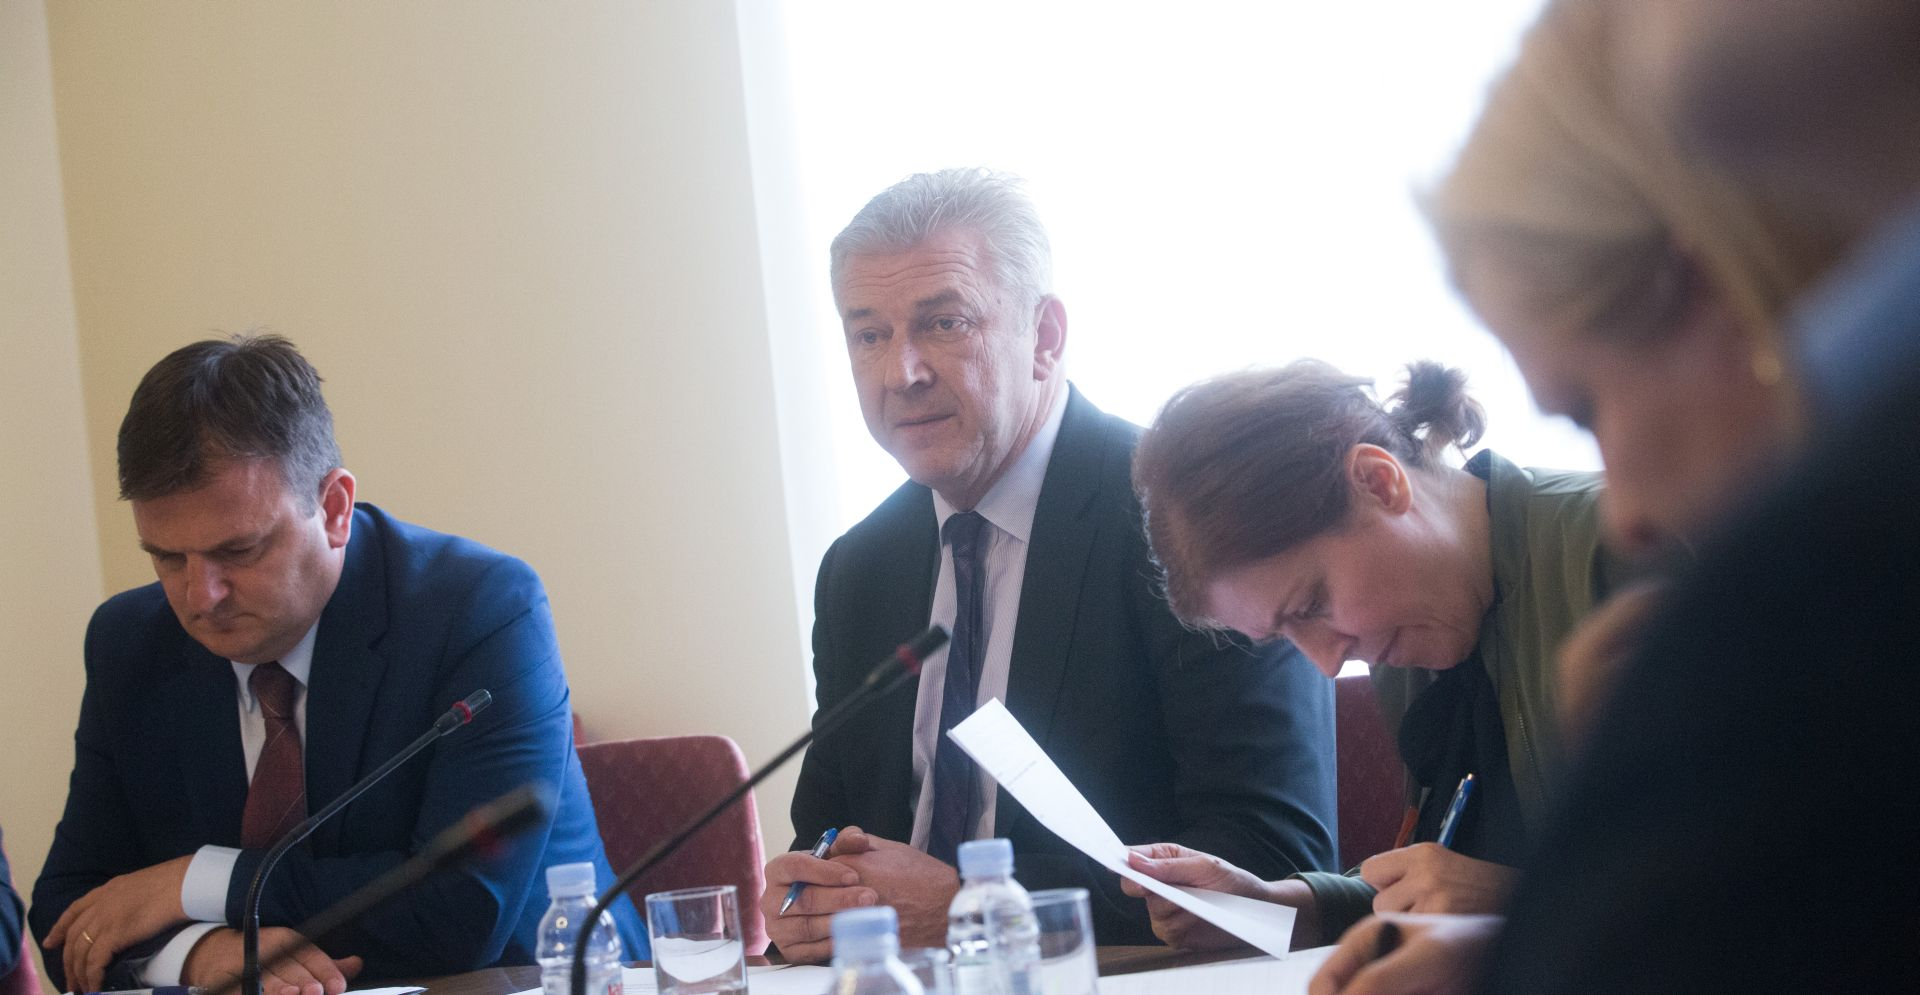 SABORSKI ODBOR Sigurnosne službe dostavit će izvješće je li Agrokor ugrozio nacionalnu sigurnost